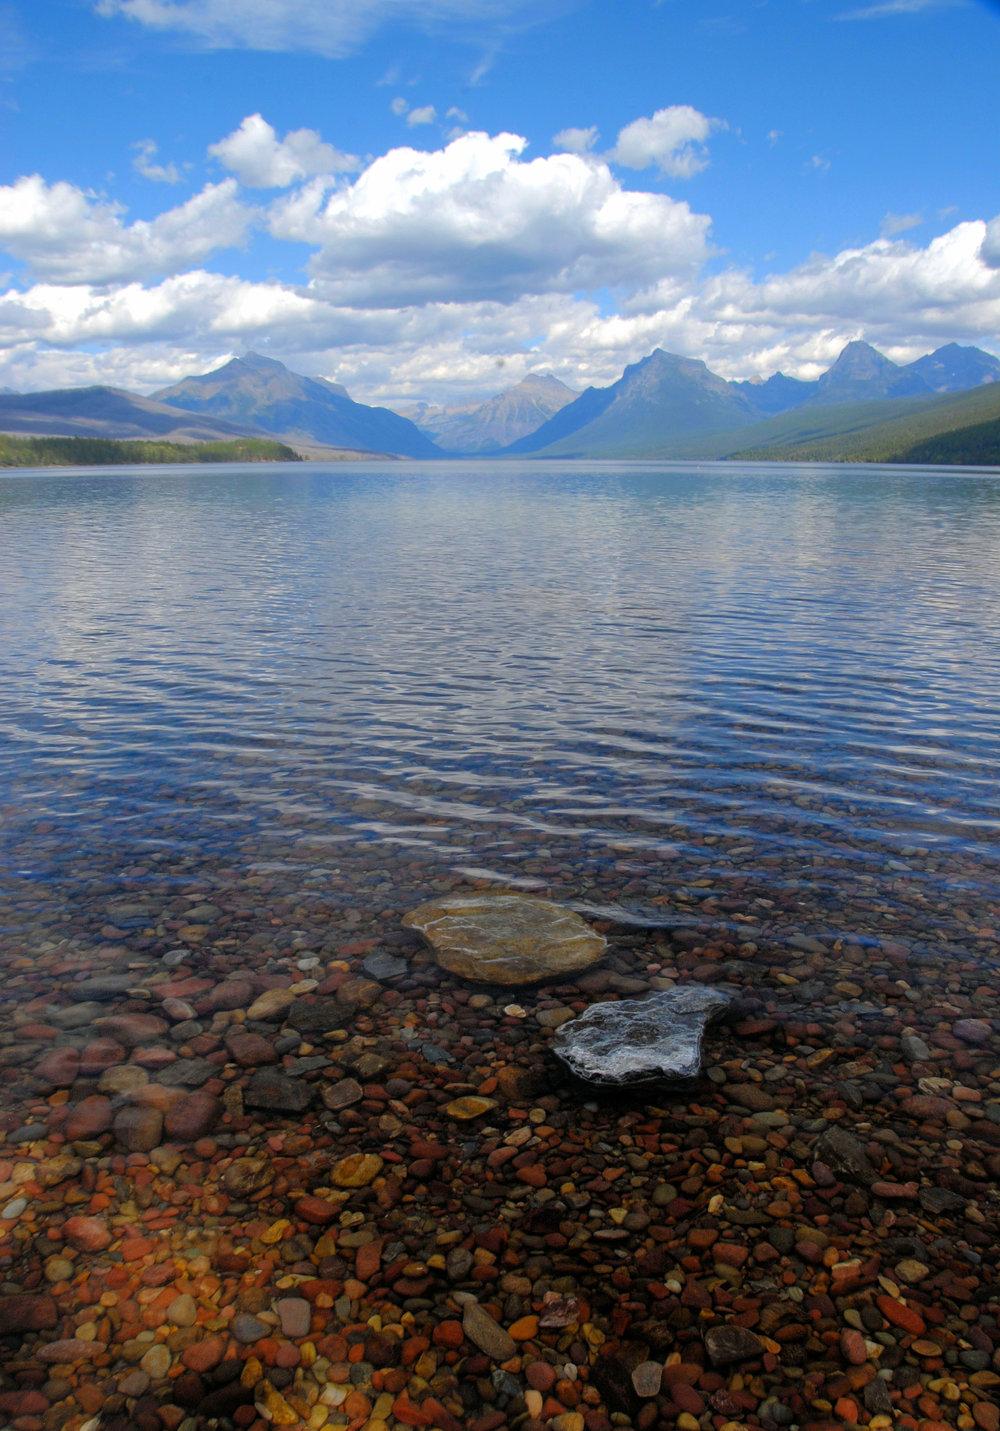 Schlett_Reflections at Glacier_Photo_16 x 20.jpg